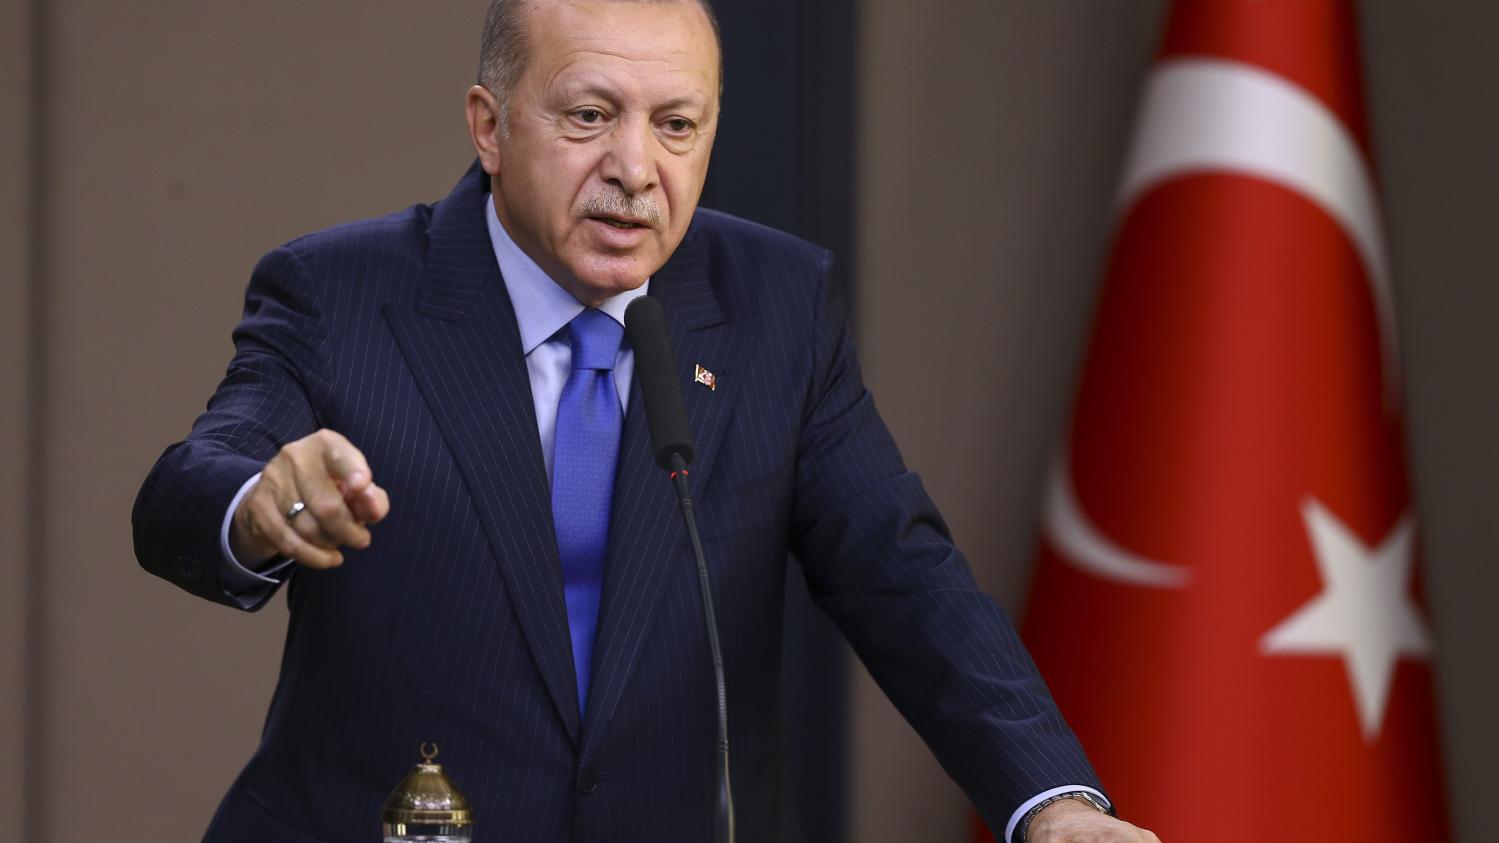 Un jihadiste présumé coincé entre la Turquie et la Grèce